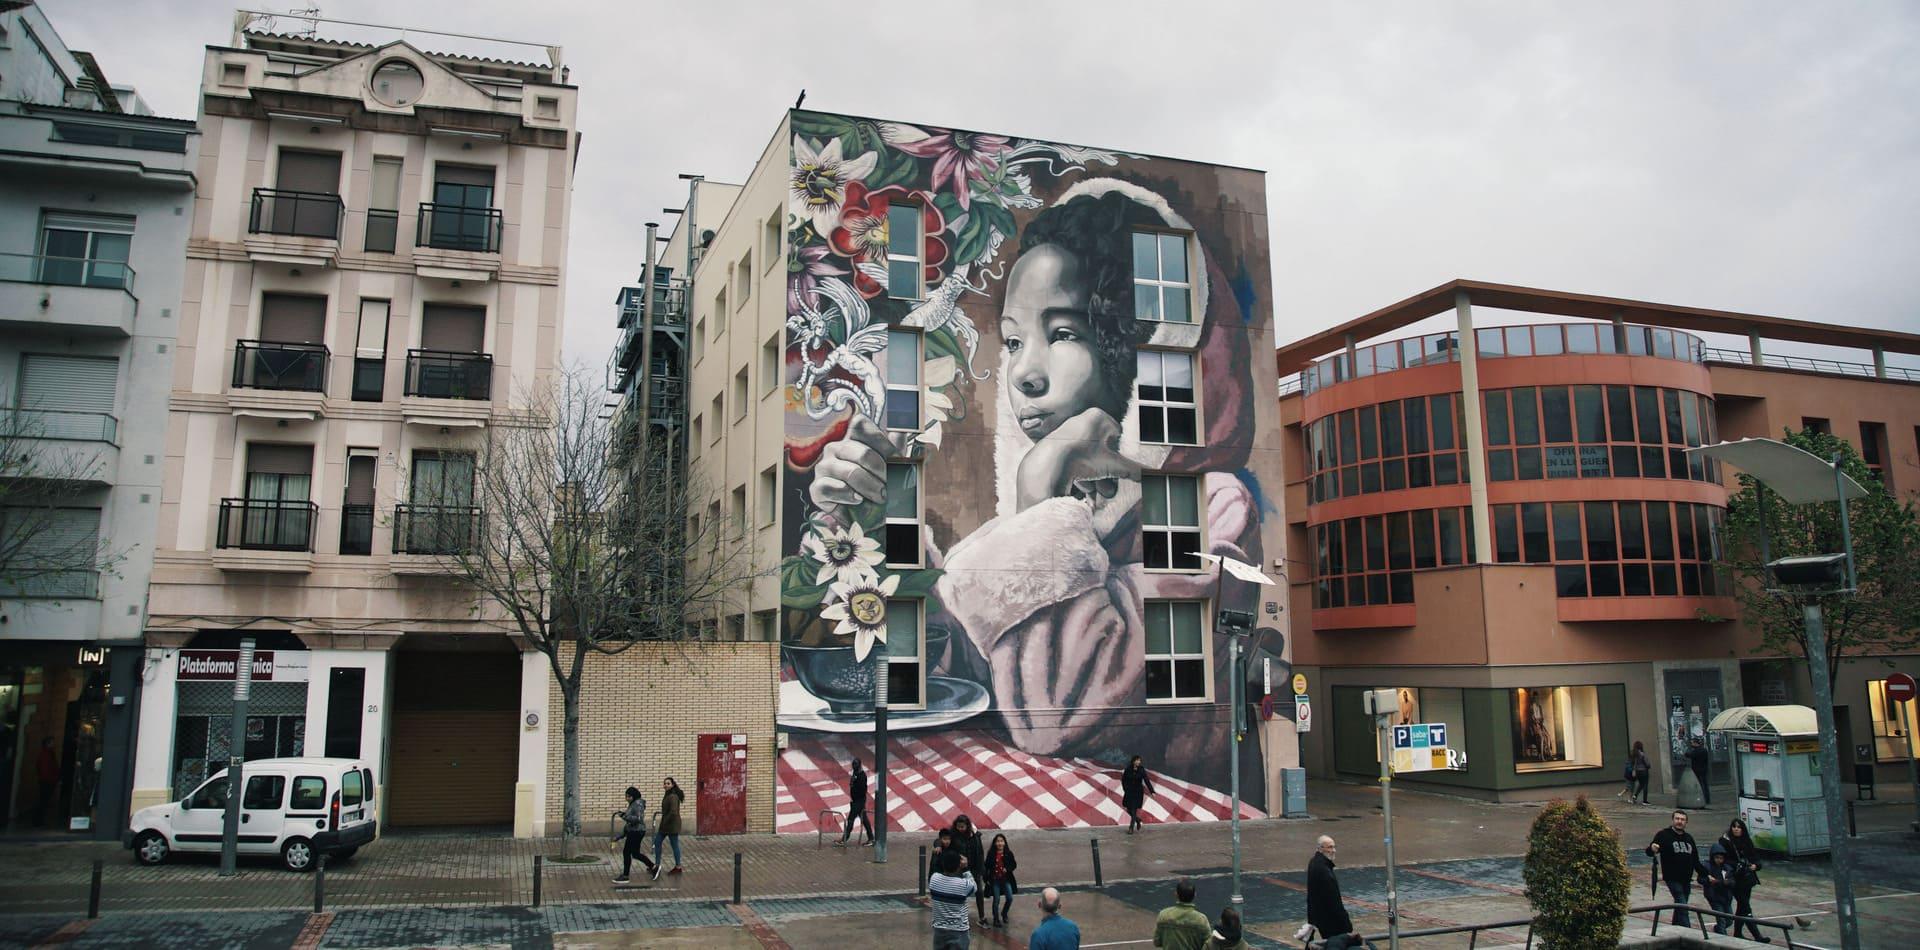 Mural de Lula Goce pel projecte Womart, Vilanova i la Geltrú, 2018